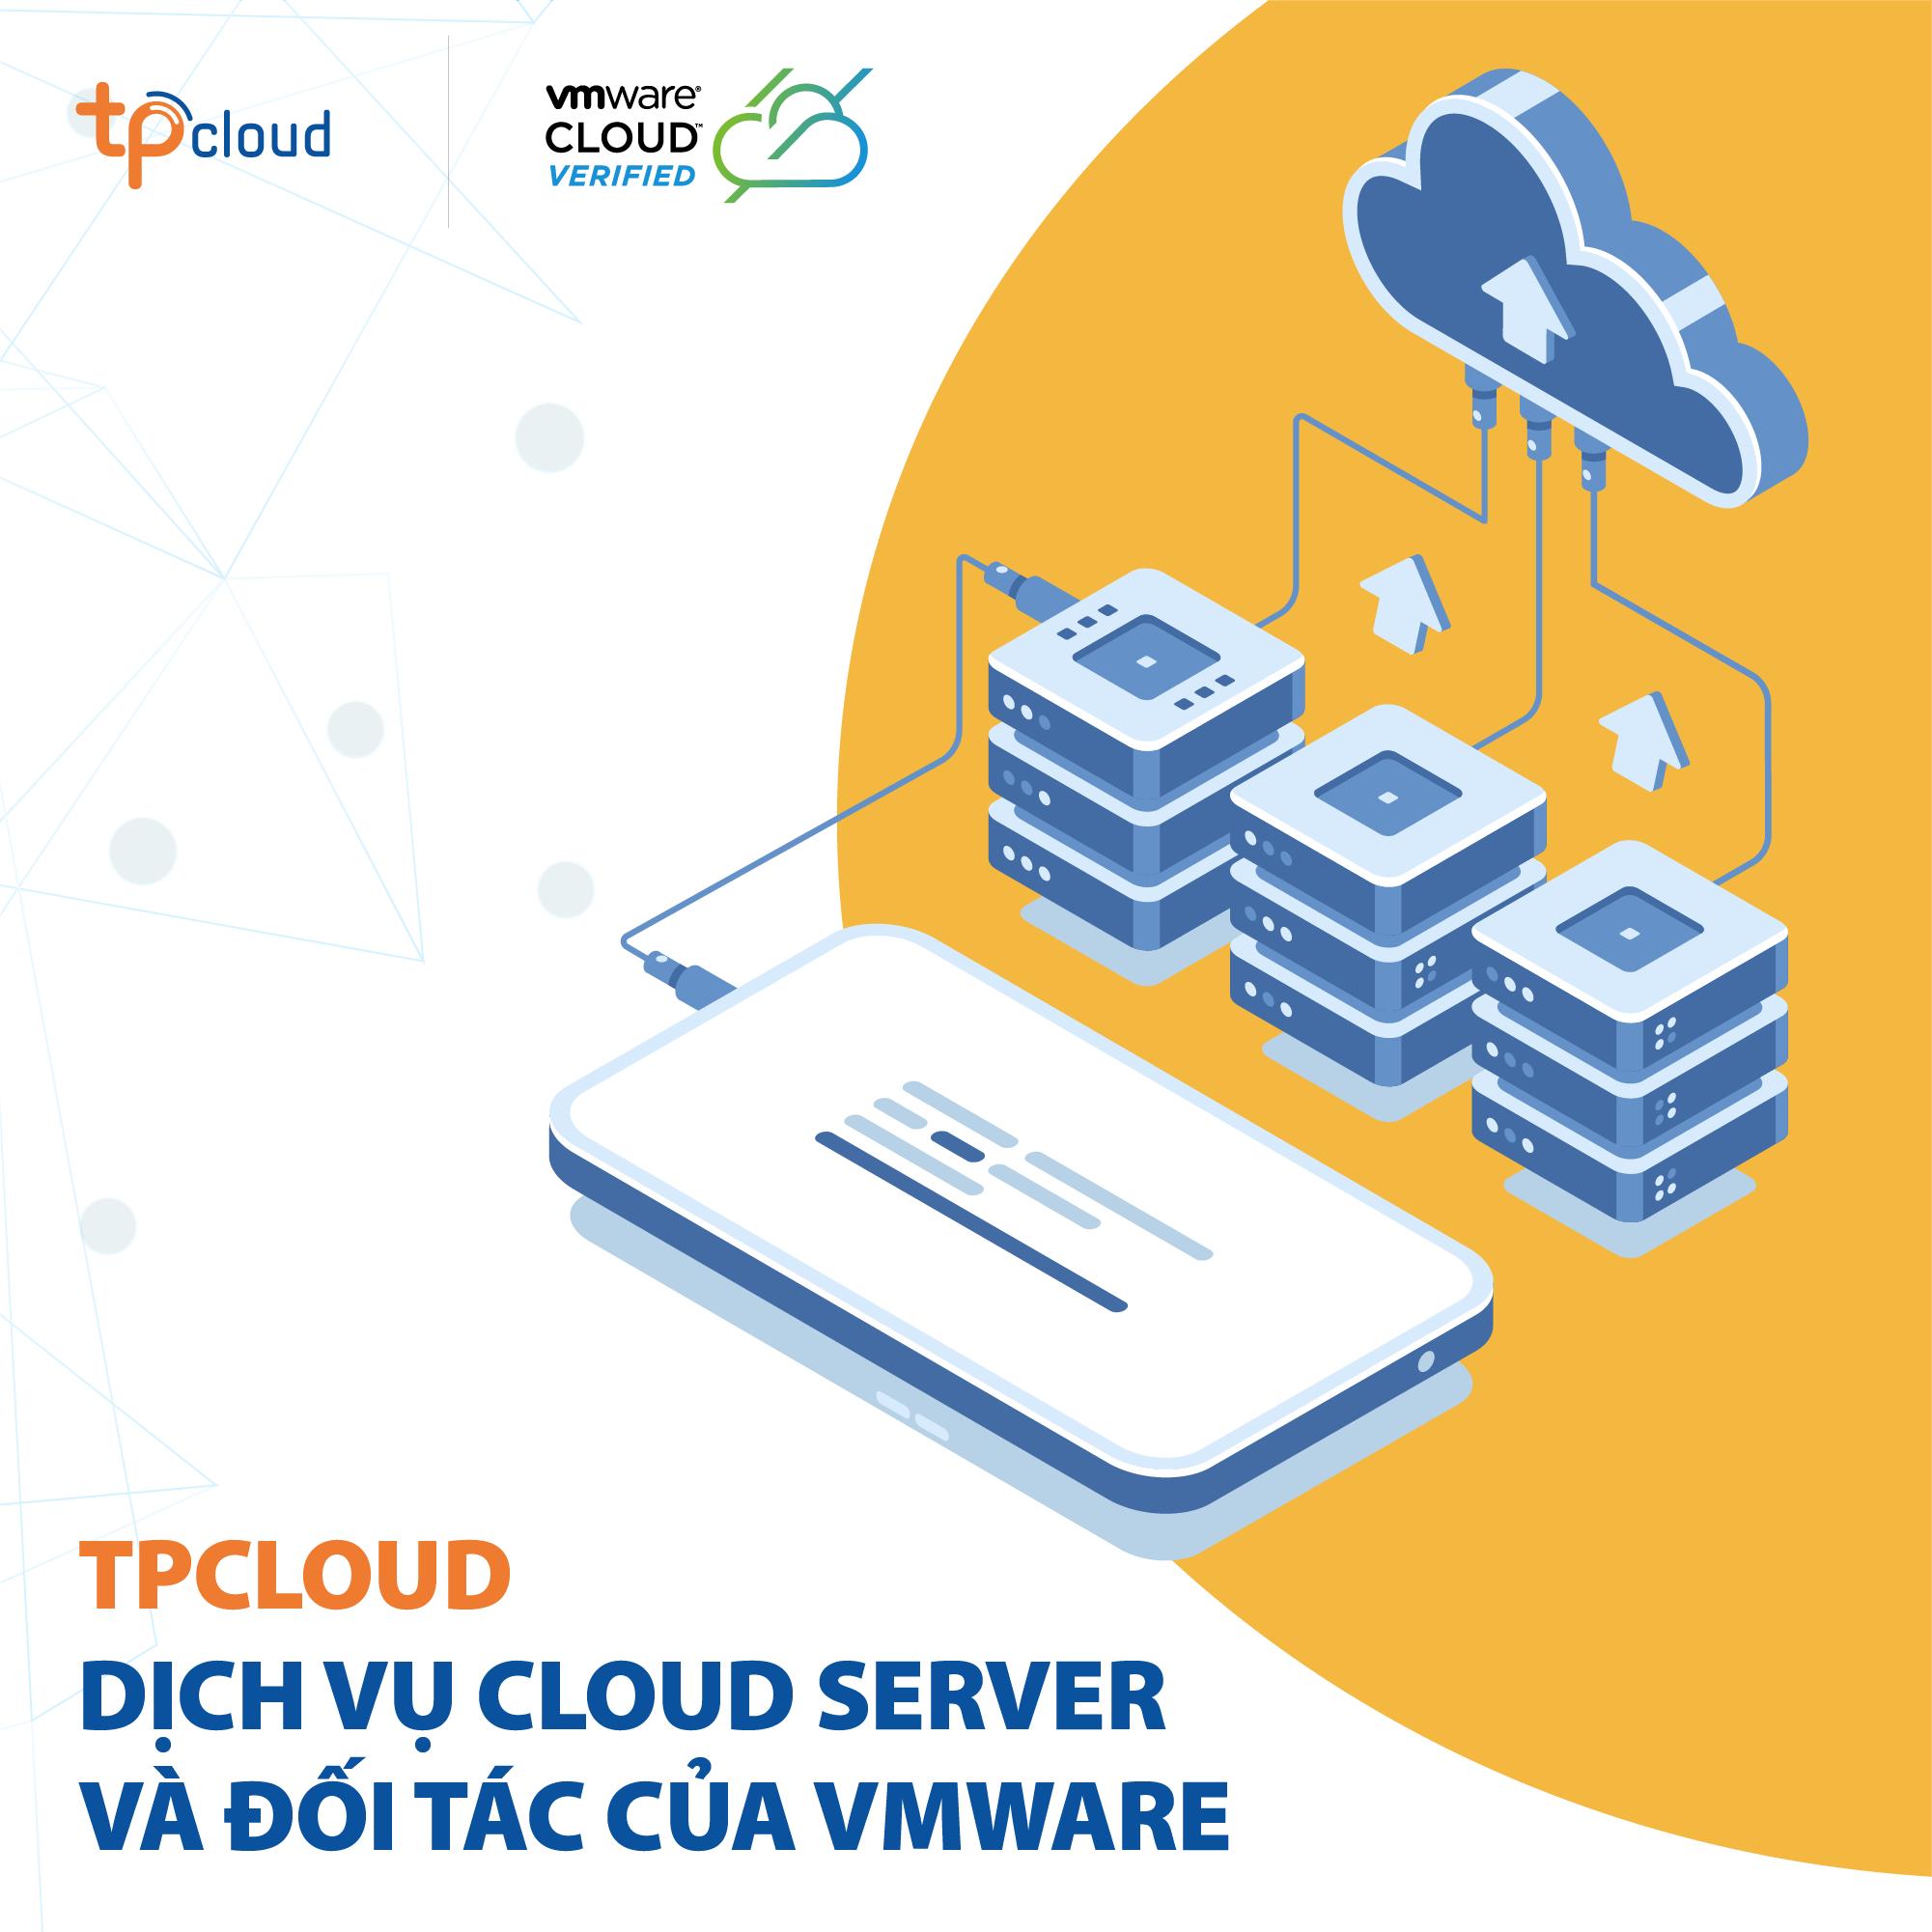 loi-ich-tu-dich-vu-cloud-server-cua-tpcloud